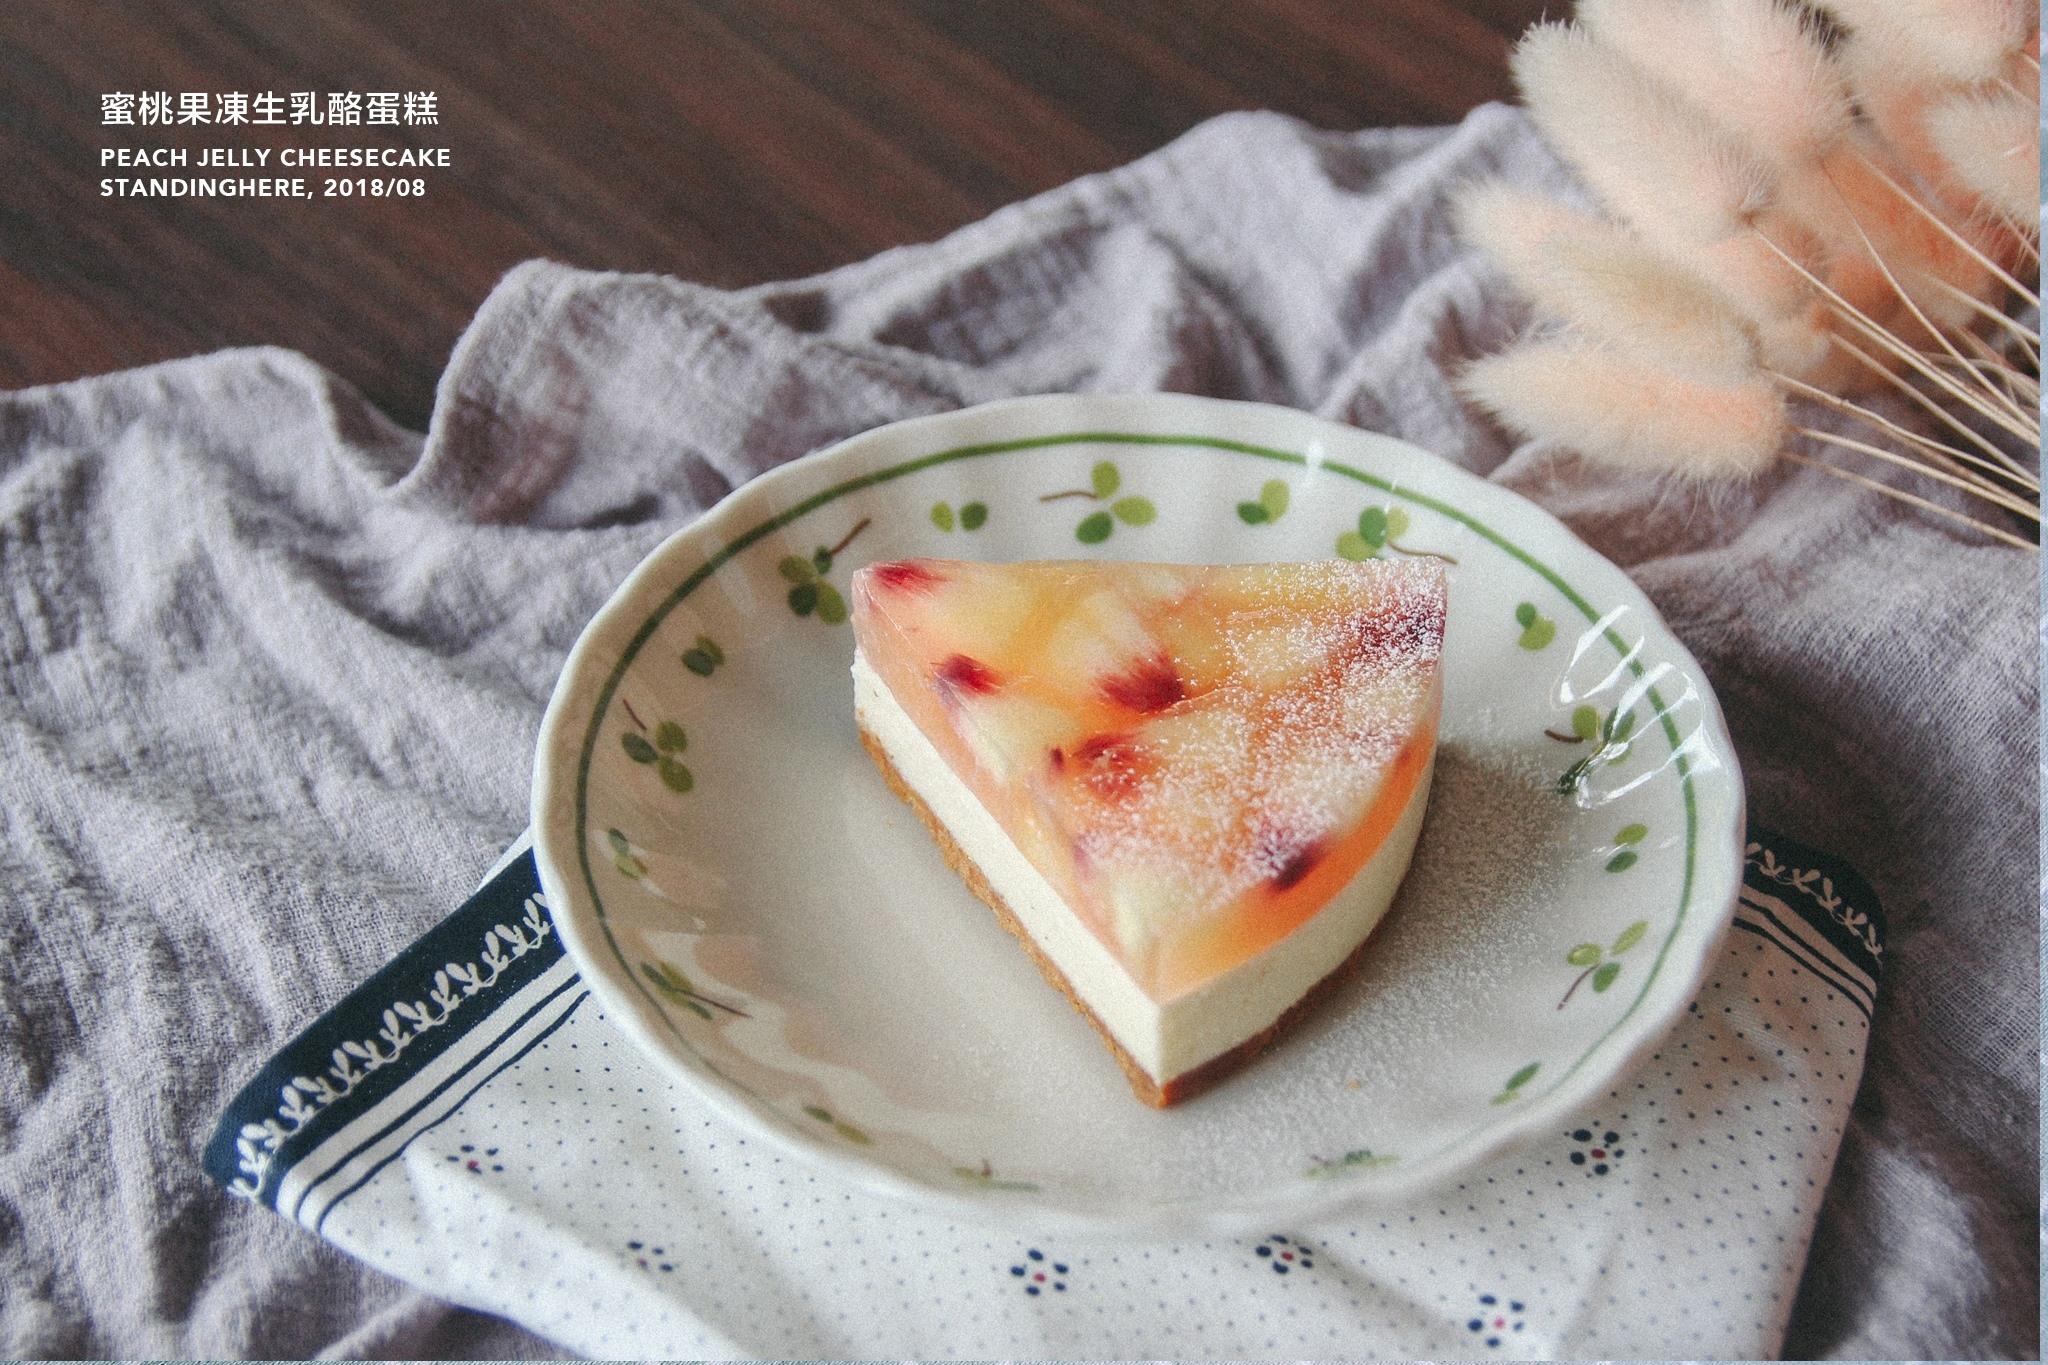 7號驛站X在這手作甜點-蜜桃果凍生乳酪.jpg